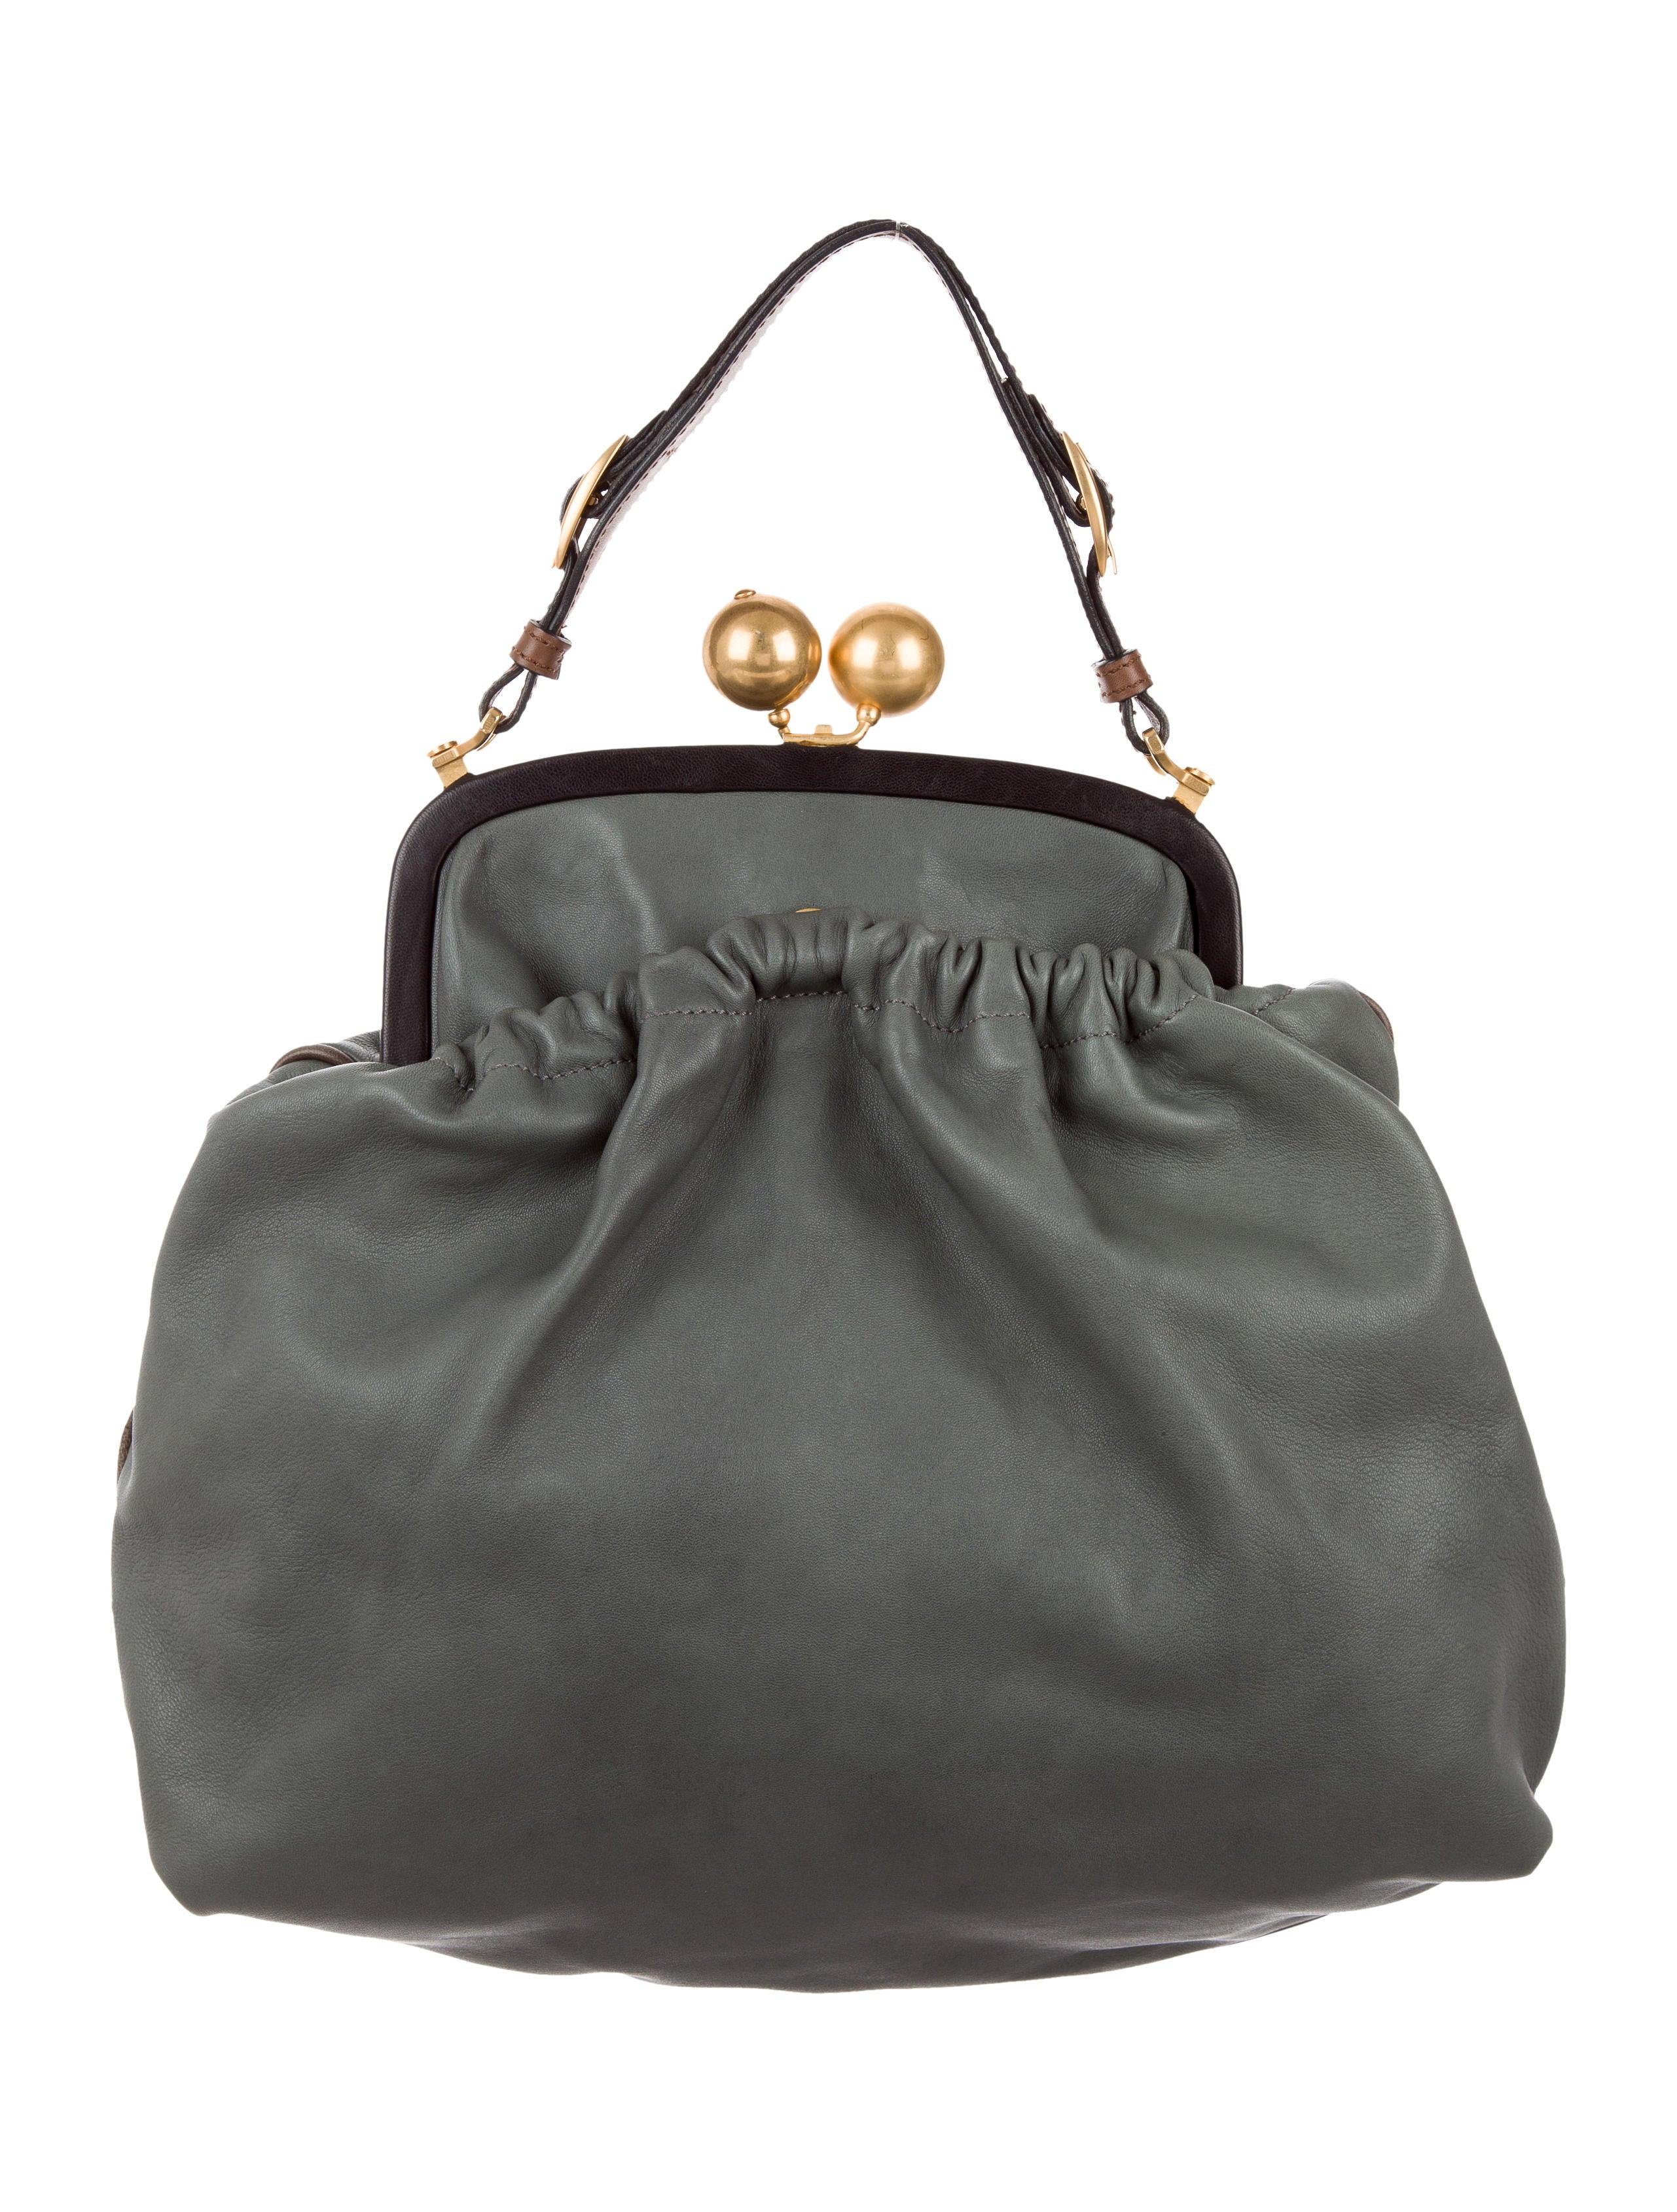 Marni Leather Kiss Lock Frame Bag Handbags Man59909